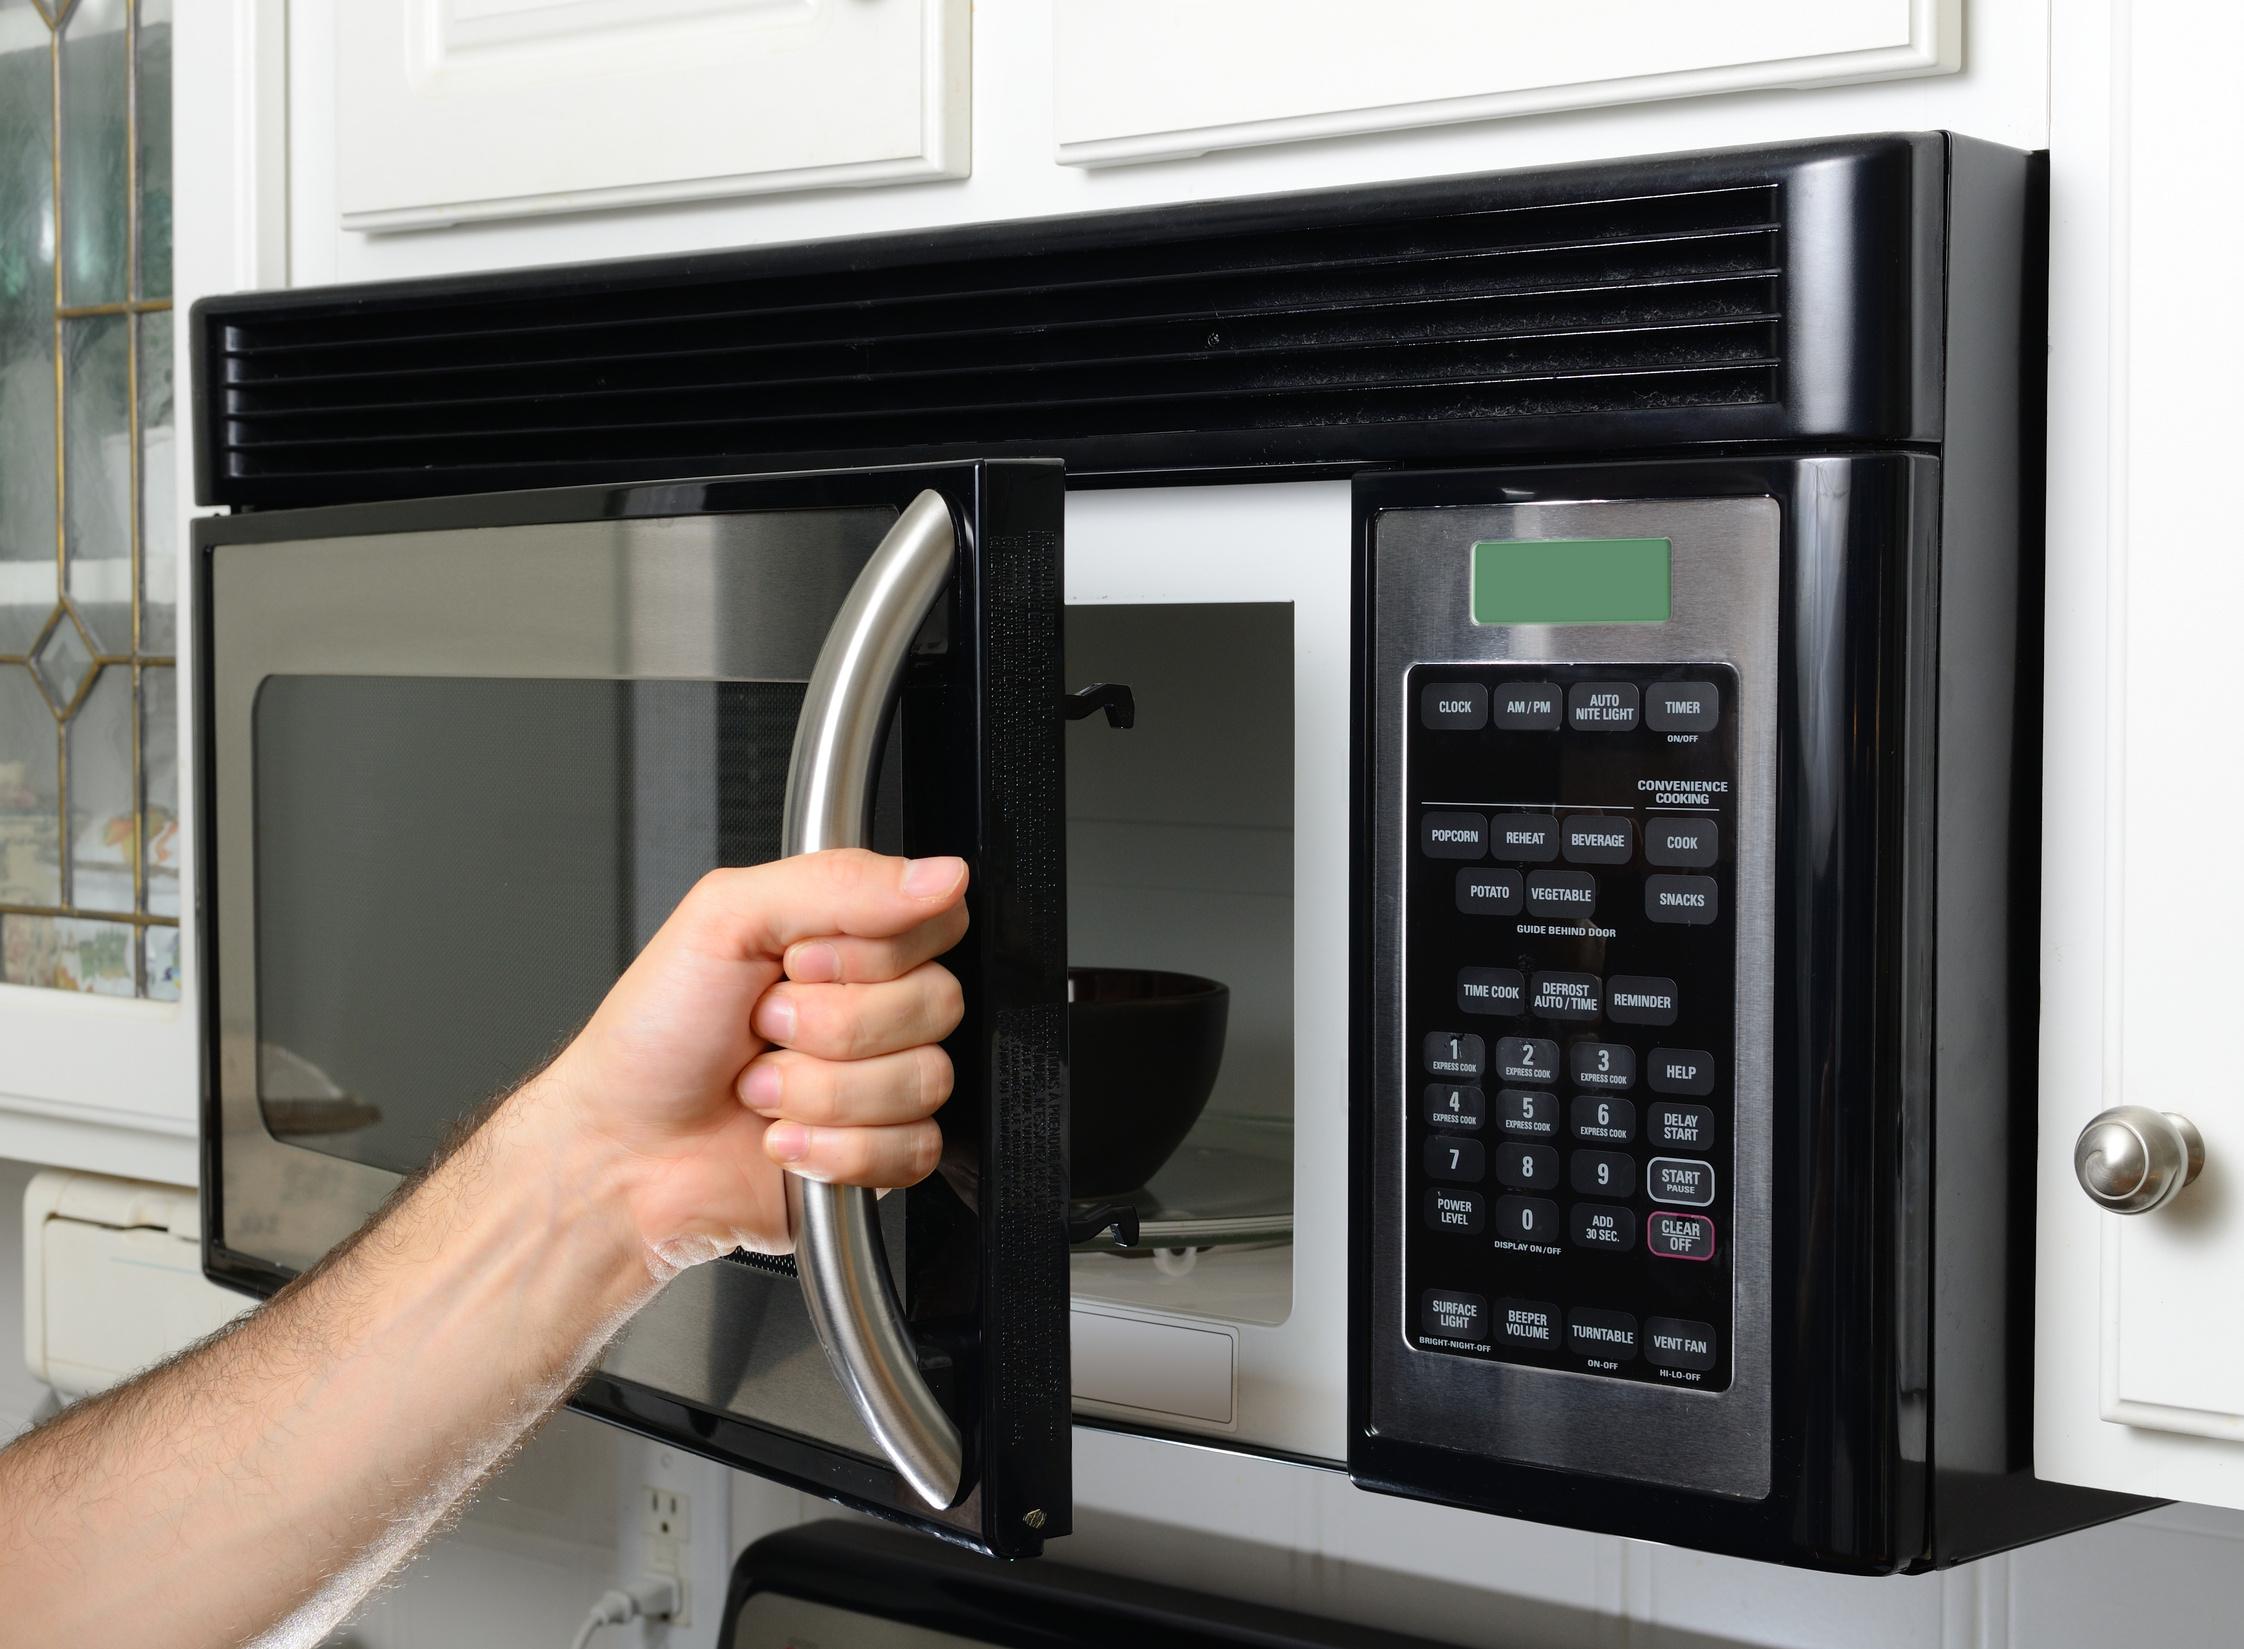 Deretan Makanan yang Tak Boleh Dipanaskan di Microwave